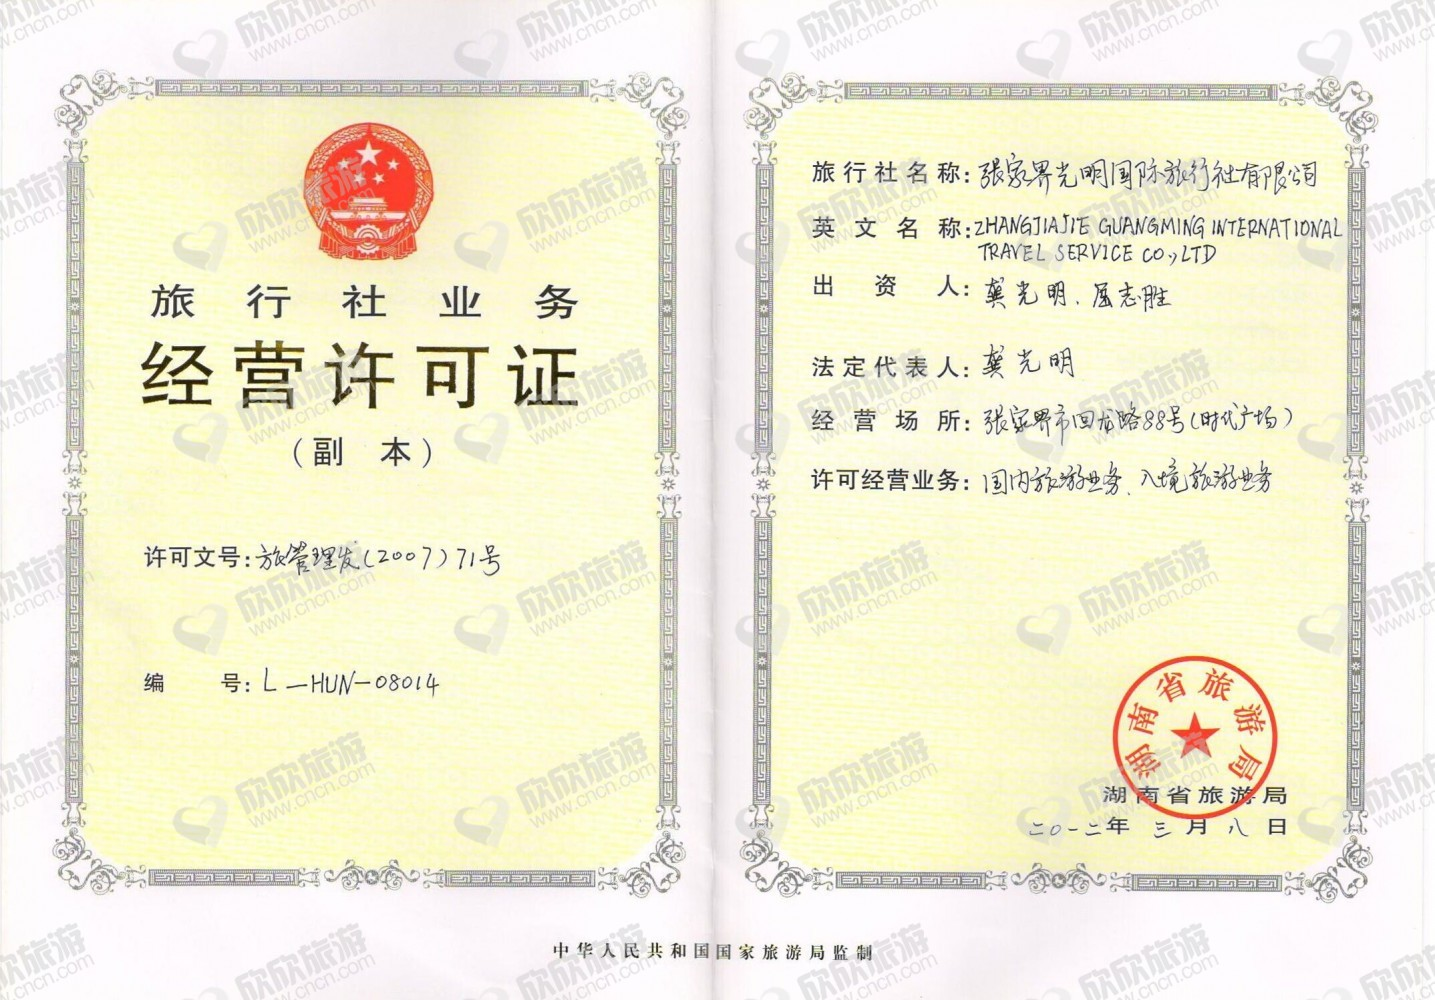 张家界光明国际旅行社有限公司经营许可证